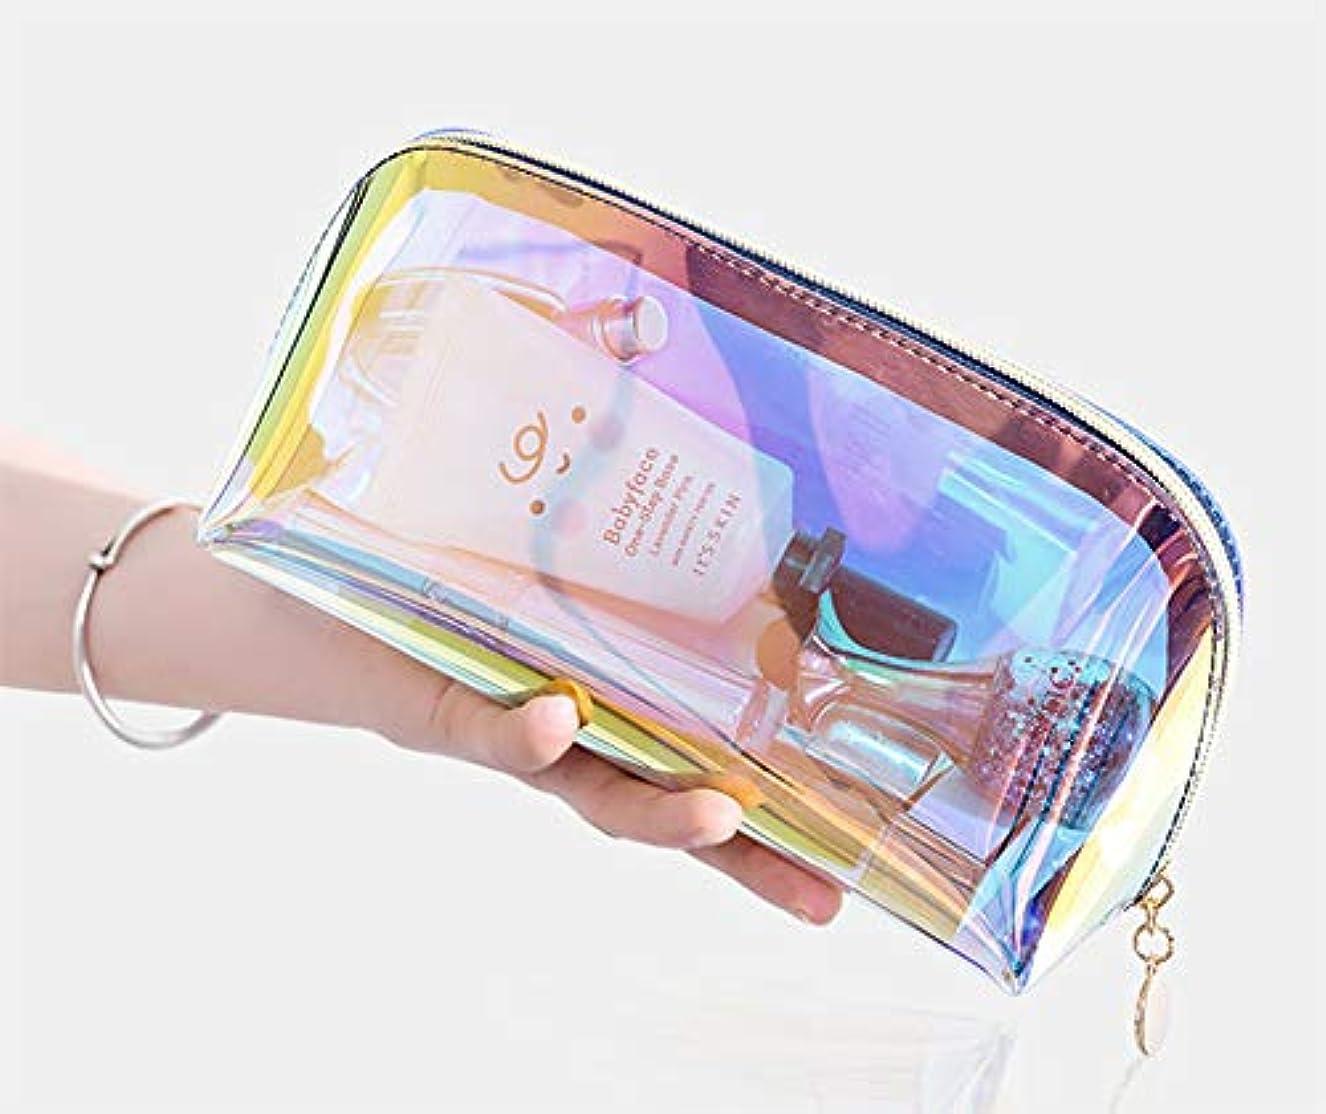 布幼児ささいなBUBMメイク 収納 メイクブラシポーチ化粧品 収納防水透明メッシュ温泉、ビーチサイド旅行、出張 (LARGE)